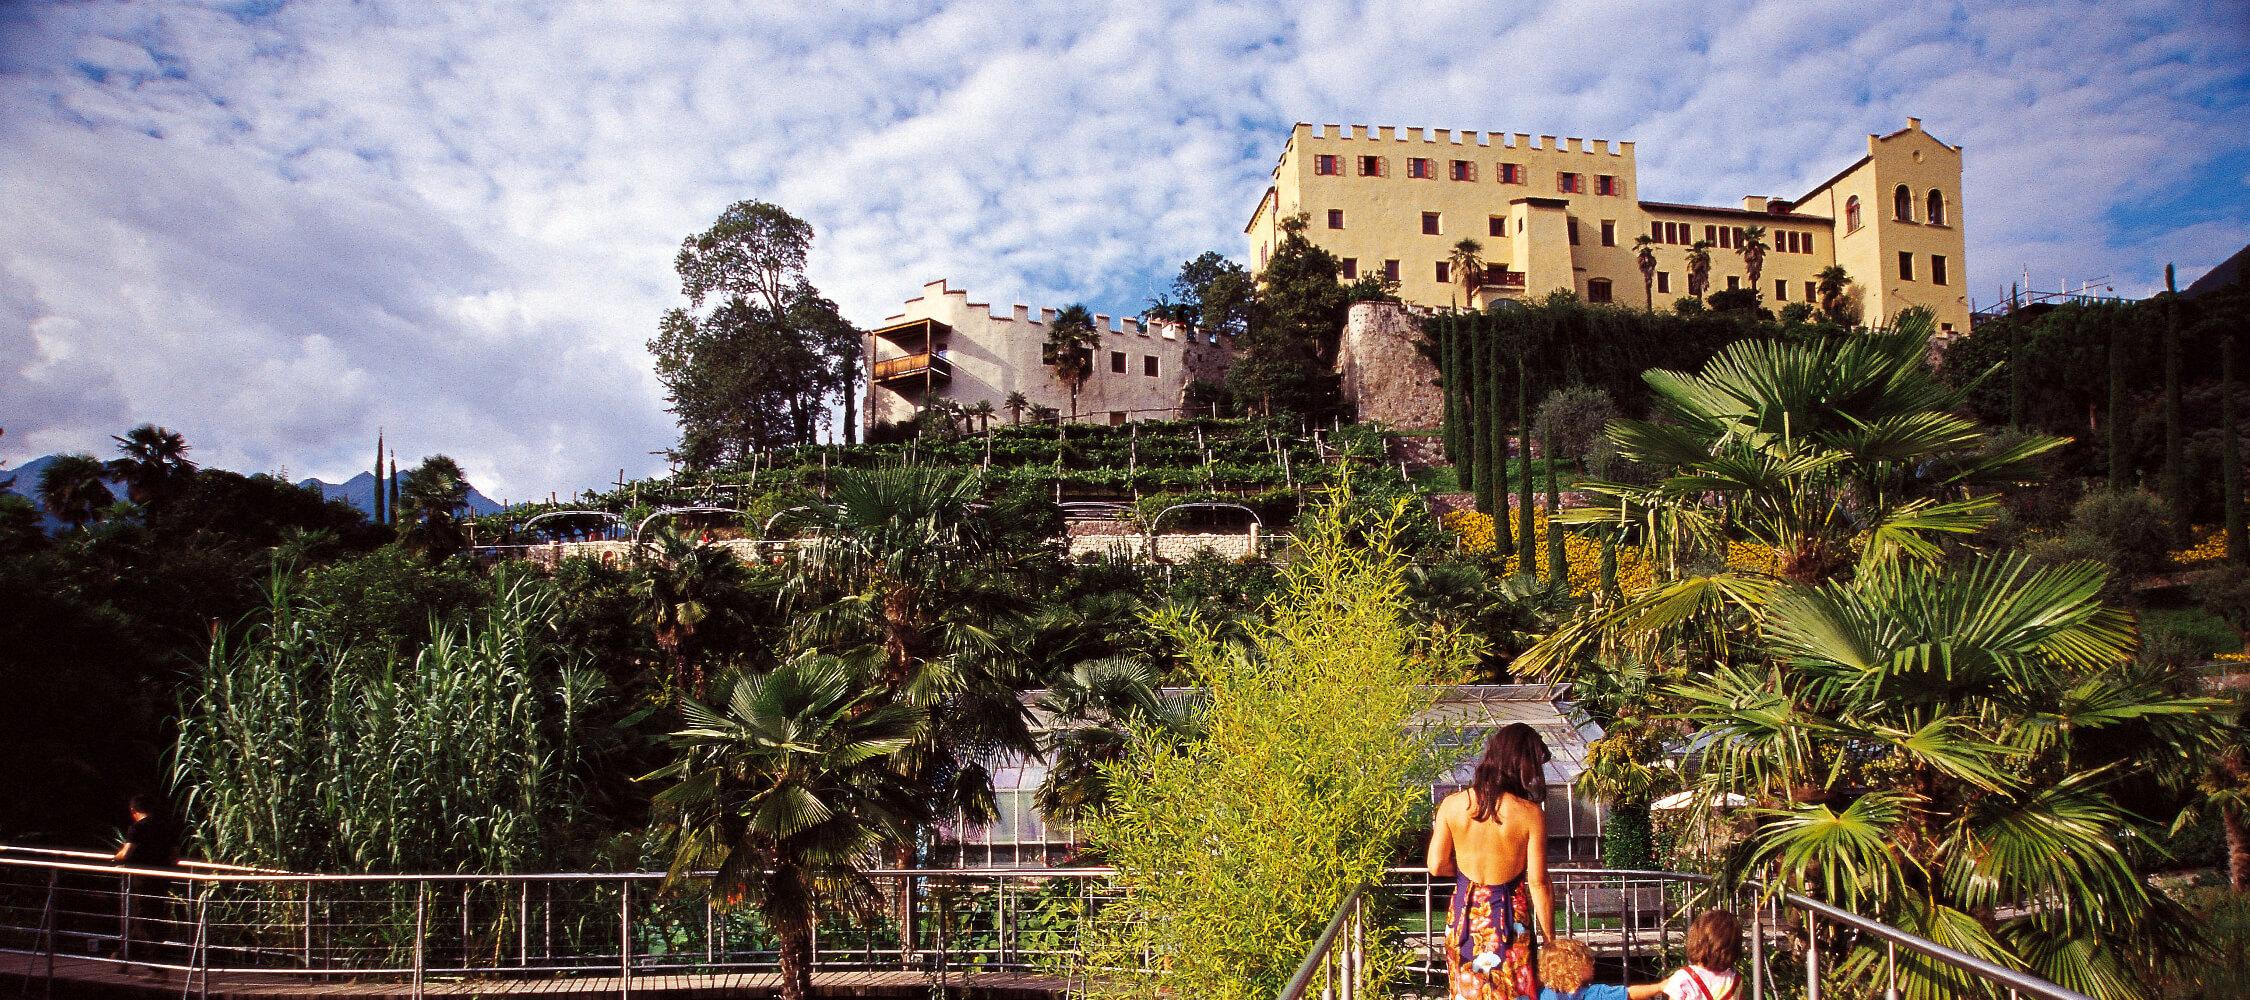 Italien-Trentino_Suedtirol_Alto_Adige_Merano_Meran_Natur_Besichtigen_Botanischer_Garten_Gaerten_von_Schloss_Trauttmansdorff_Panorama_Sommer_3_2250x1000